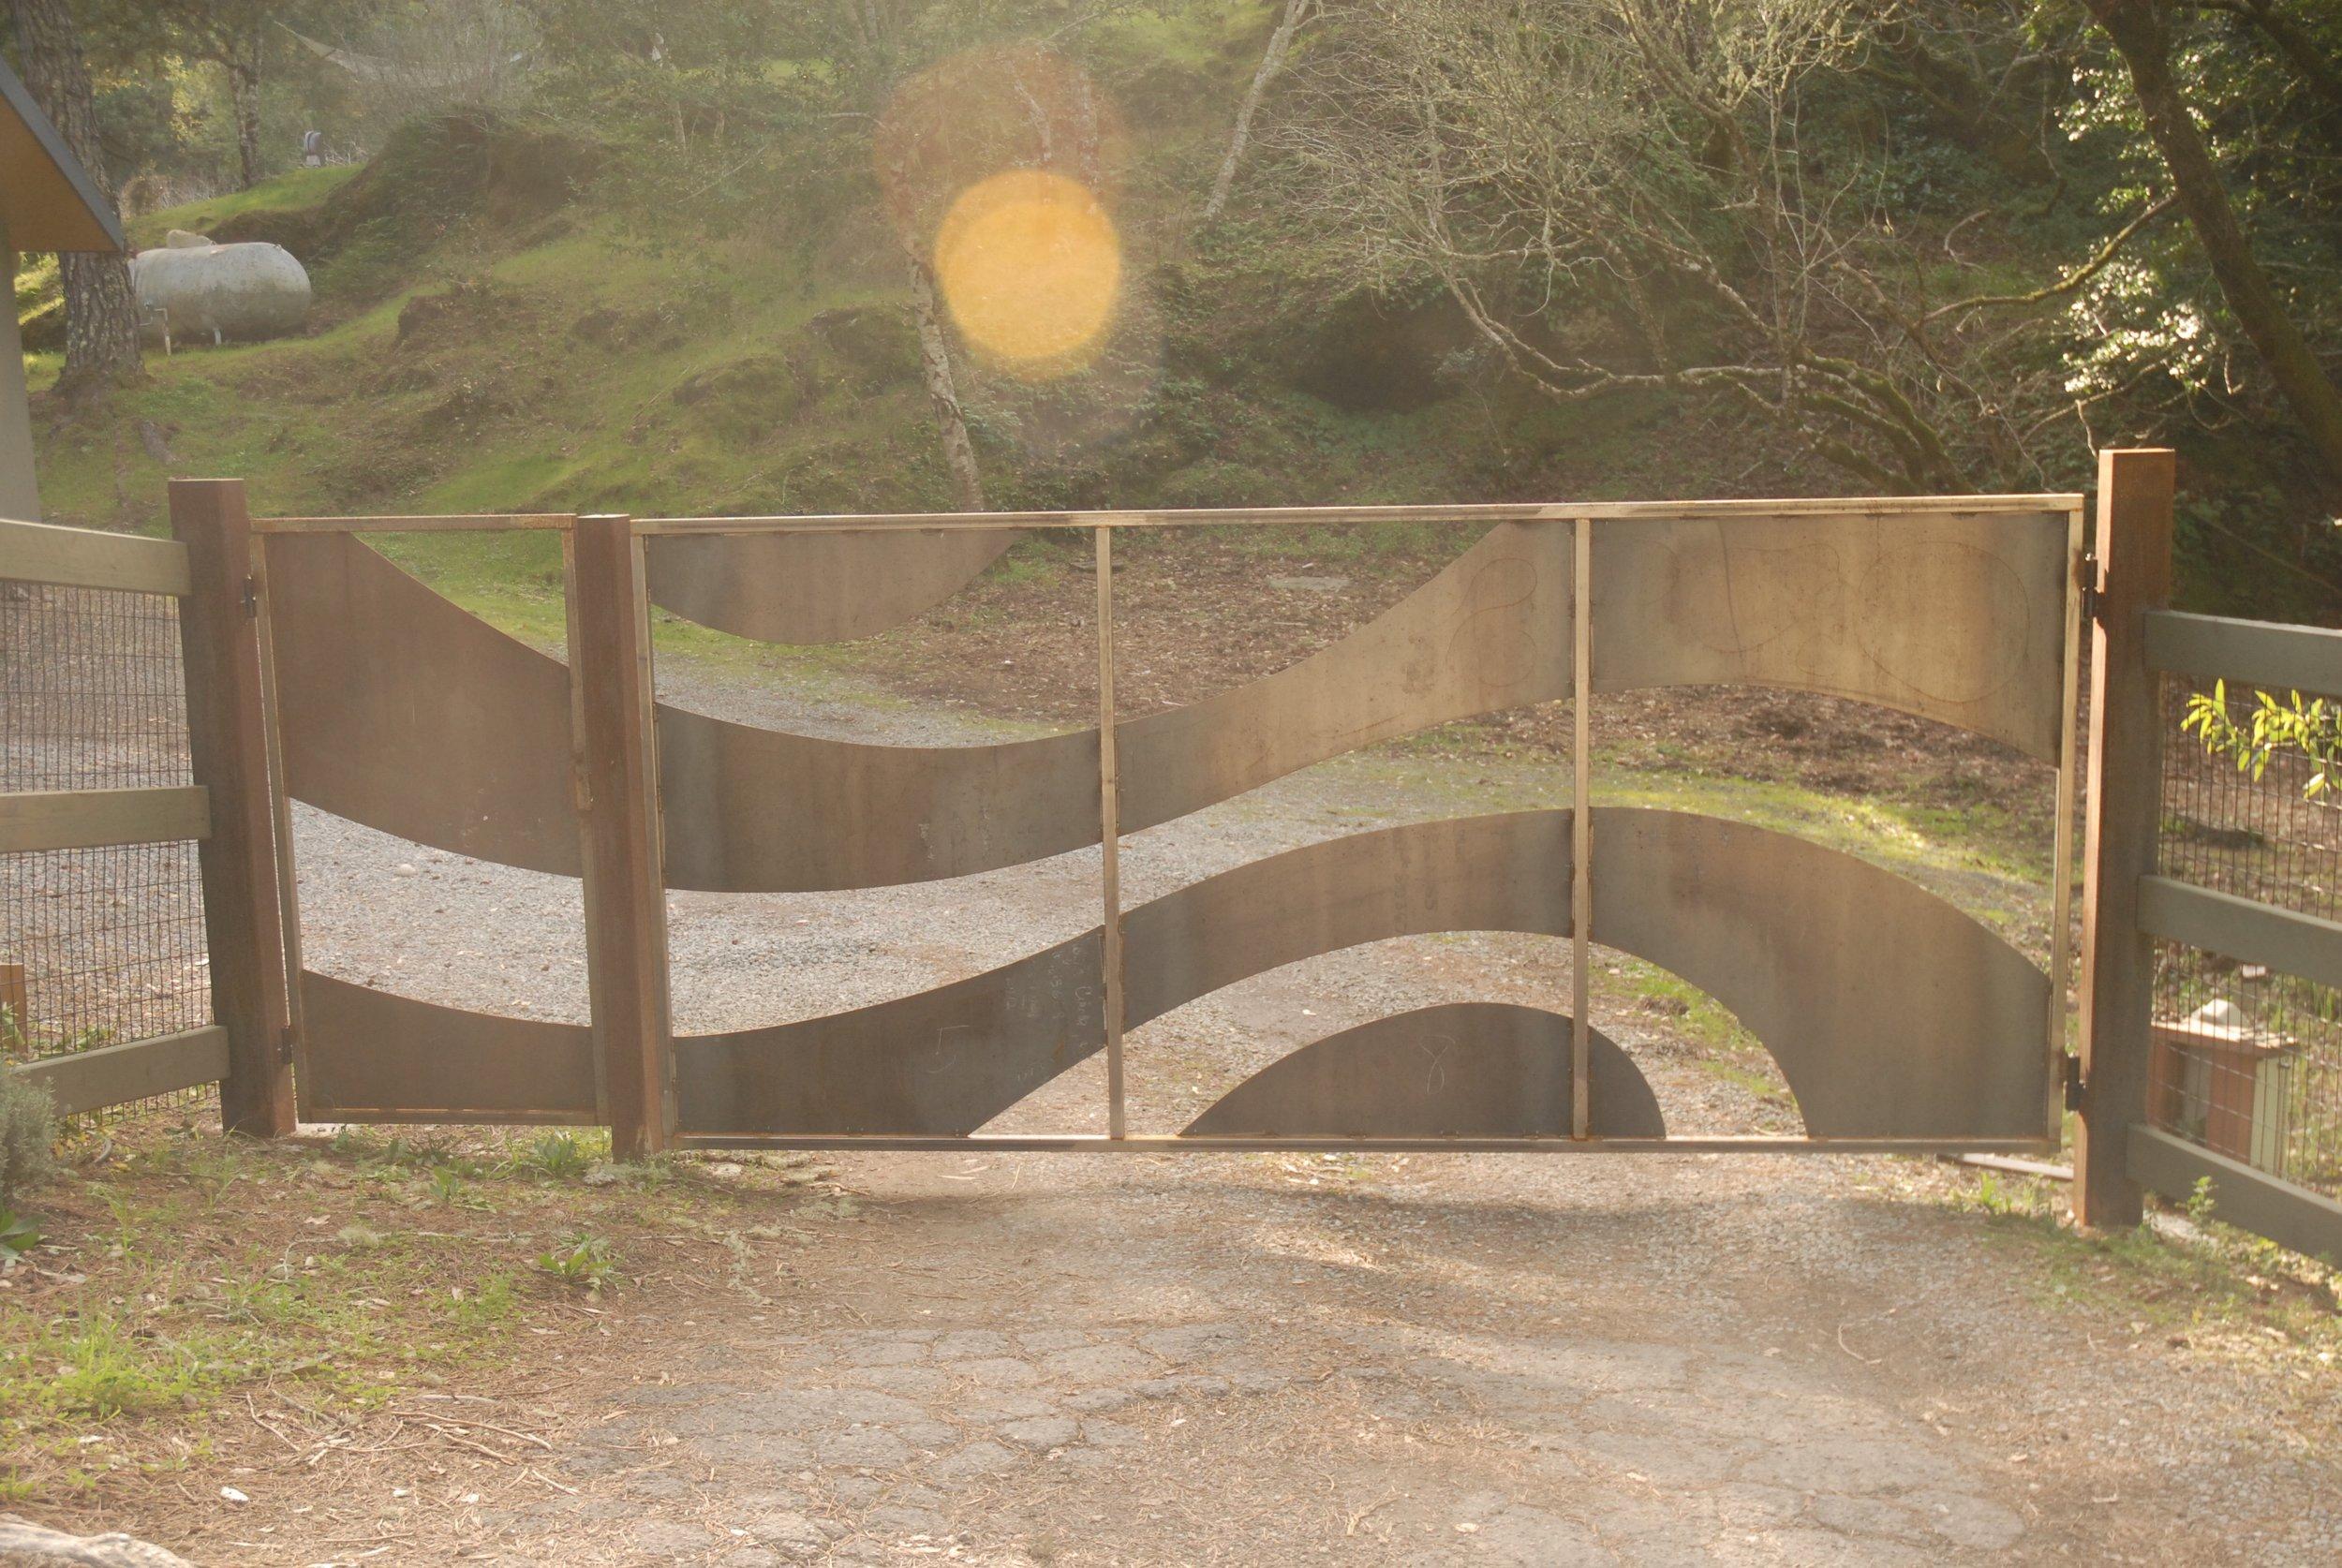 WEST MARIN STEEL SCULPTURAL GATE